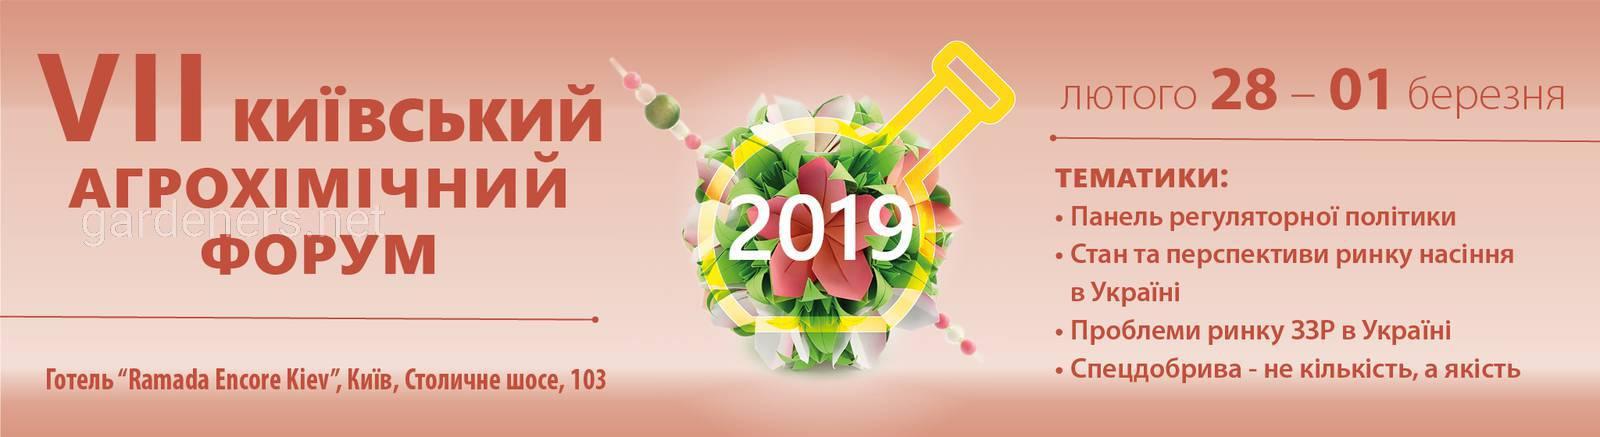 VIІ Київський агрохімічний форум 28 лютого -1 березня.jpg